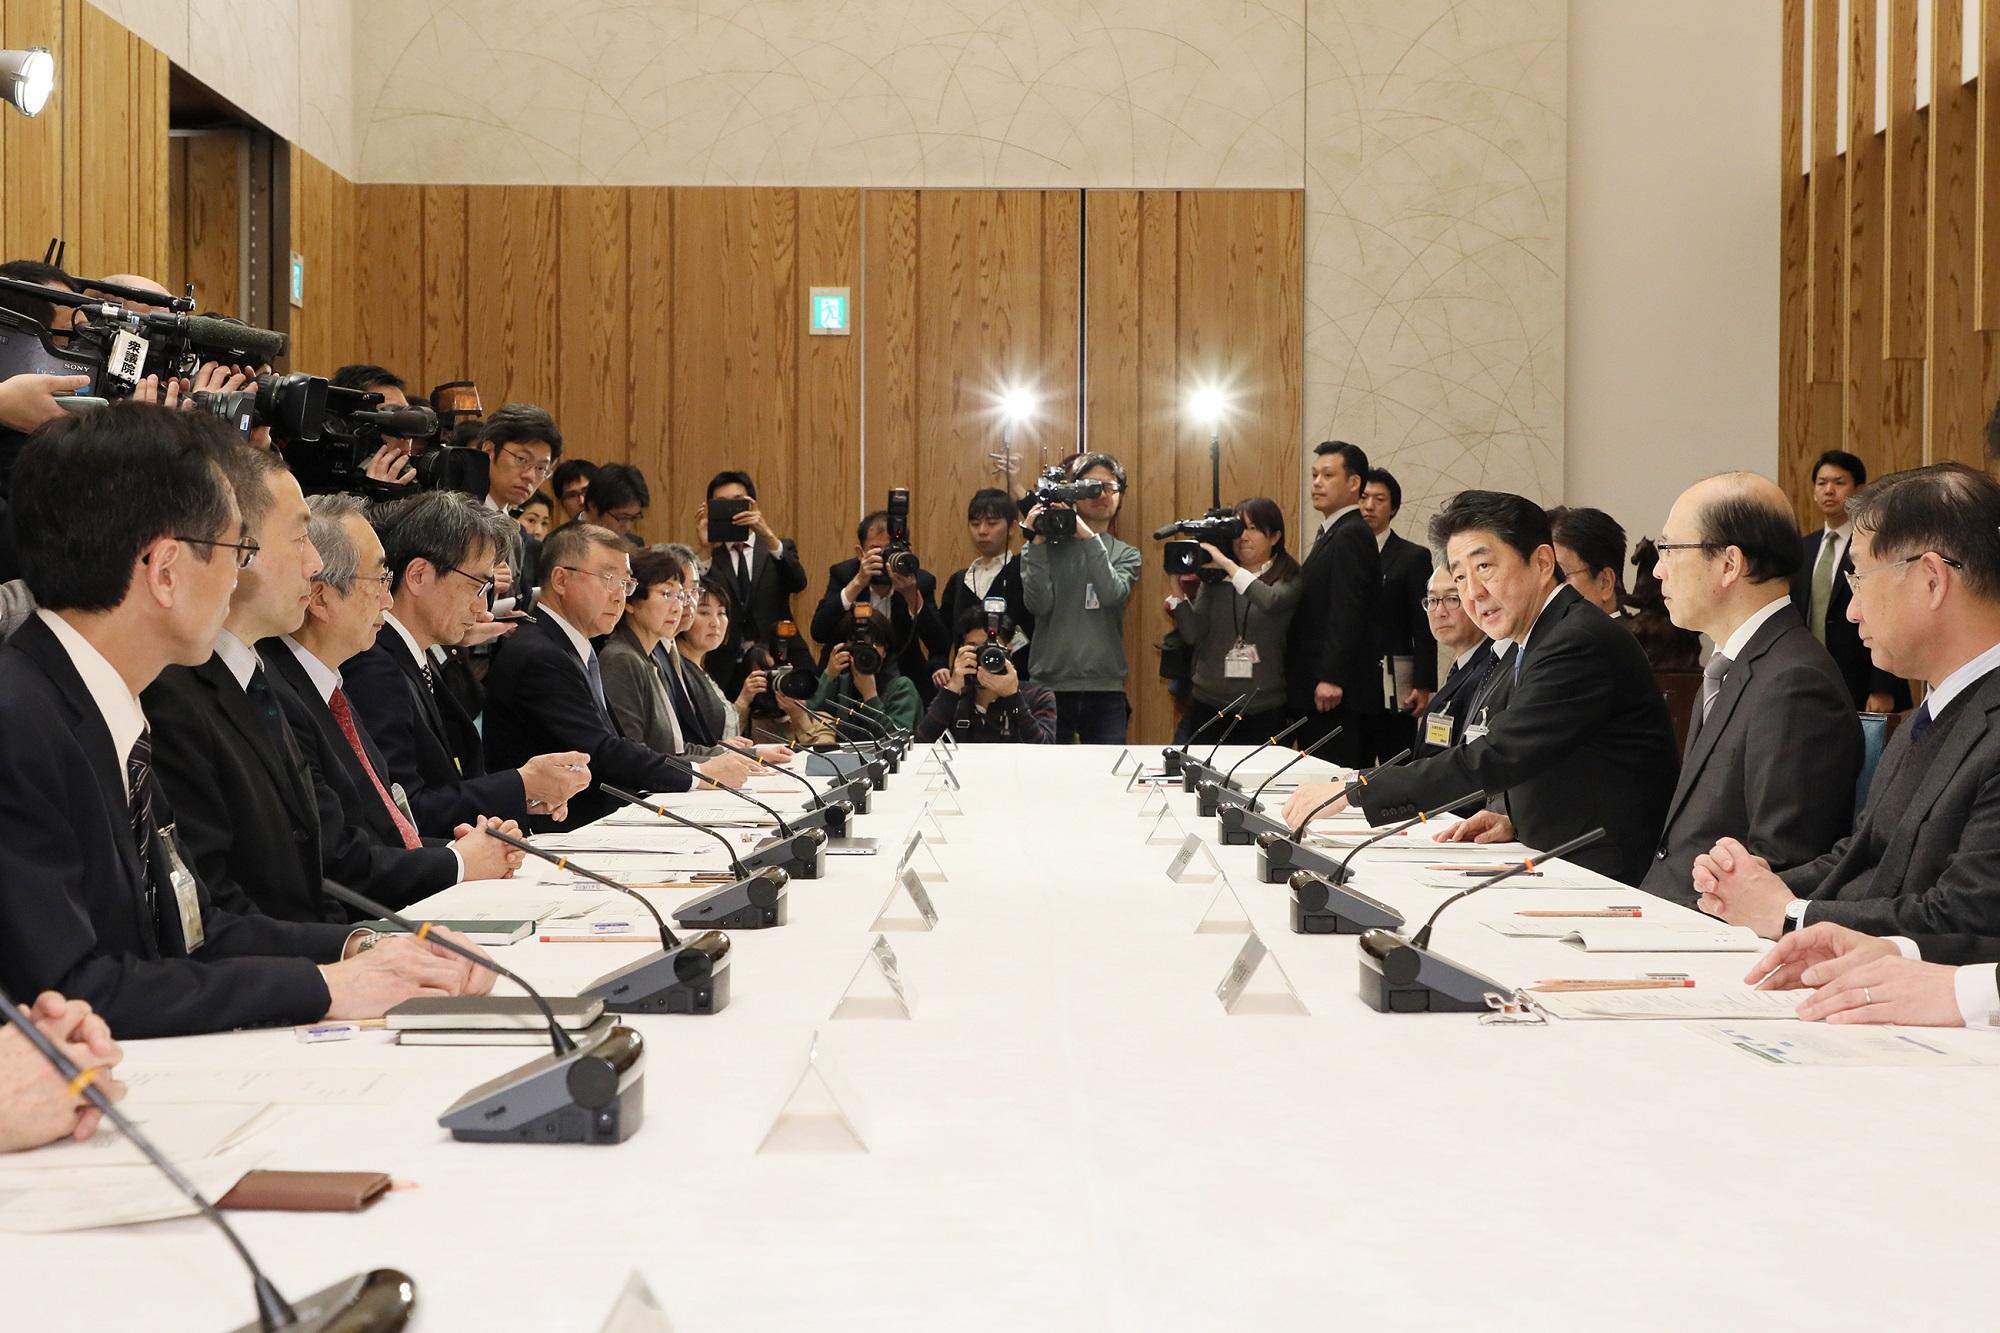 安倍総理は第1回新型コロナウイルス感染症対策専門家会議に出席